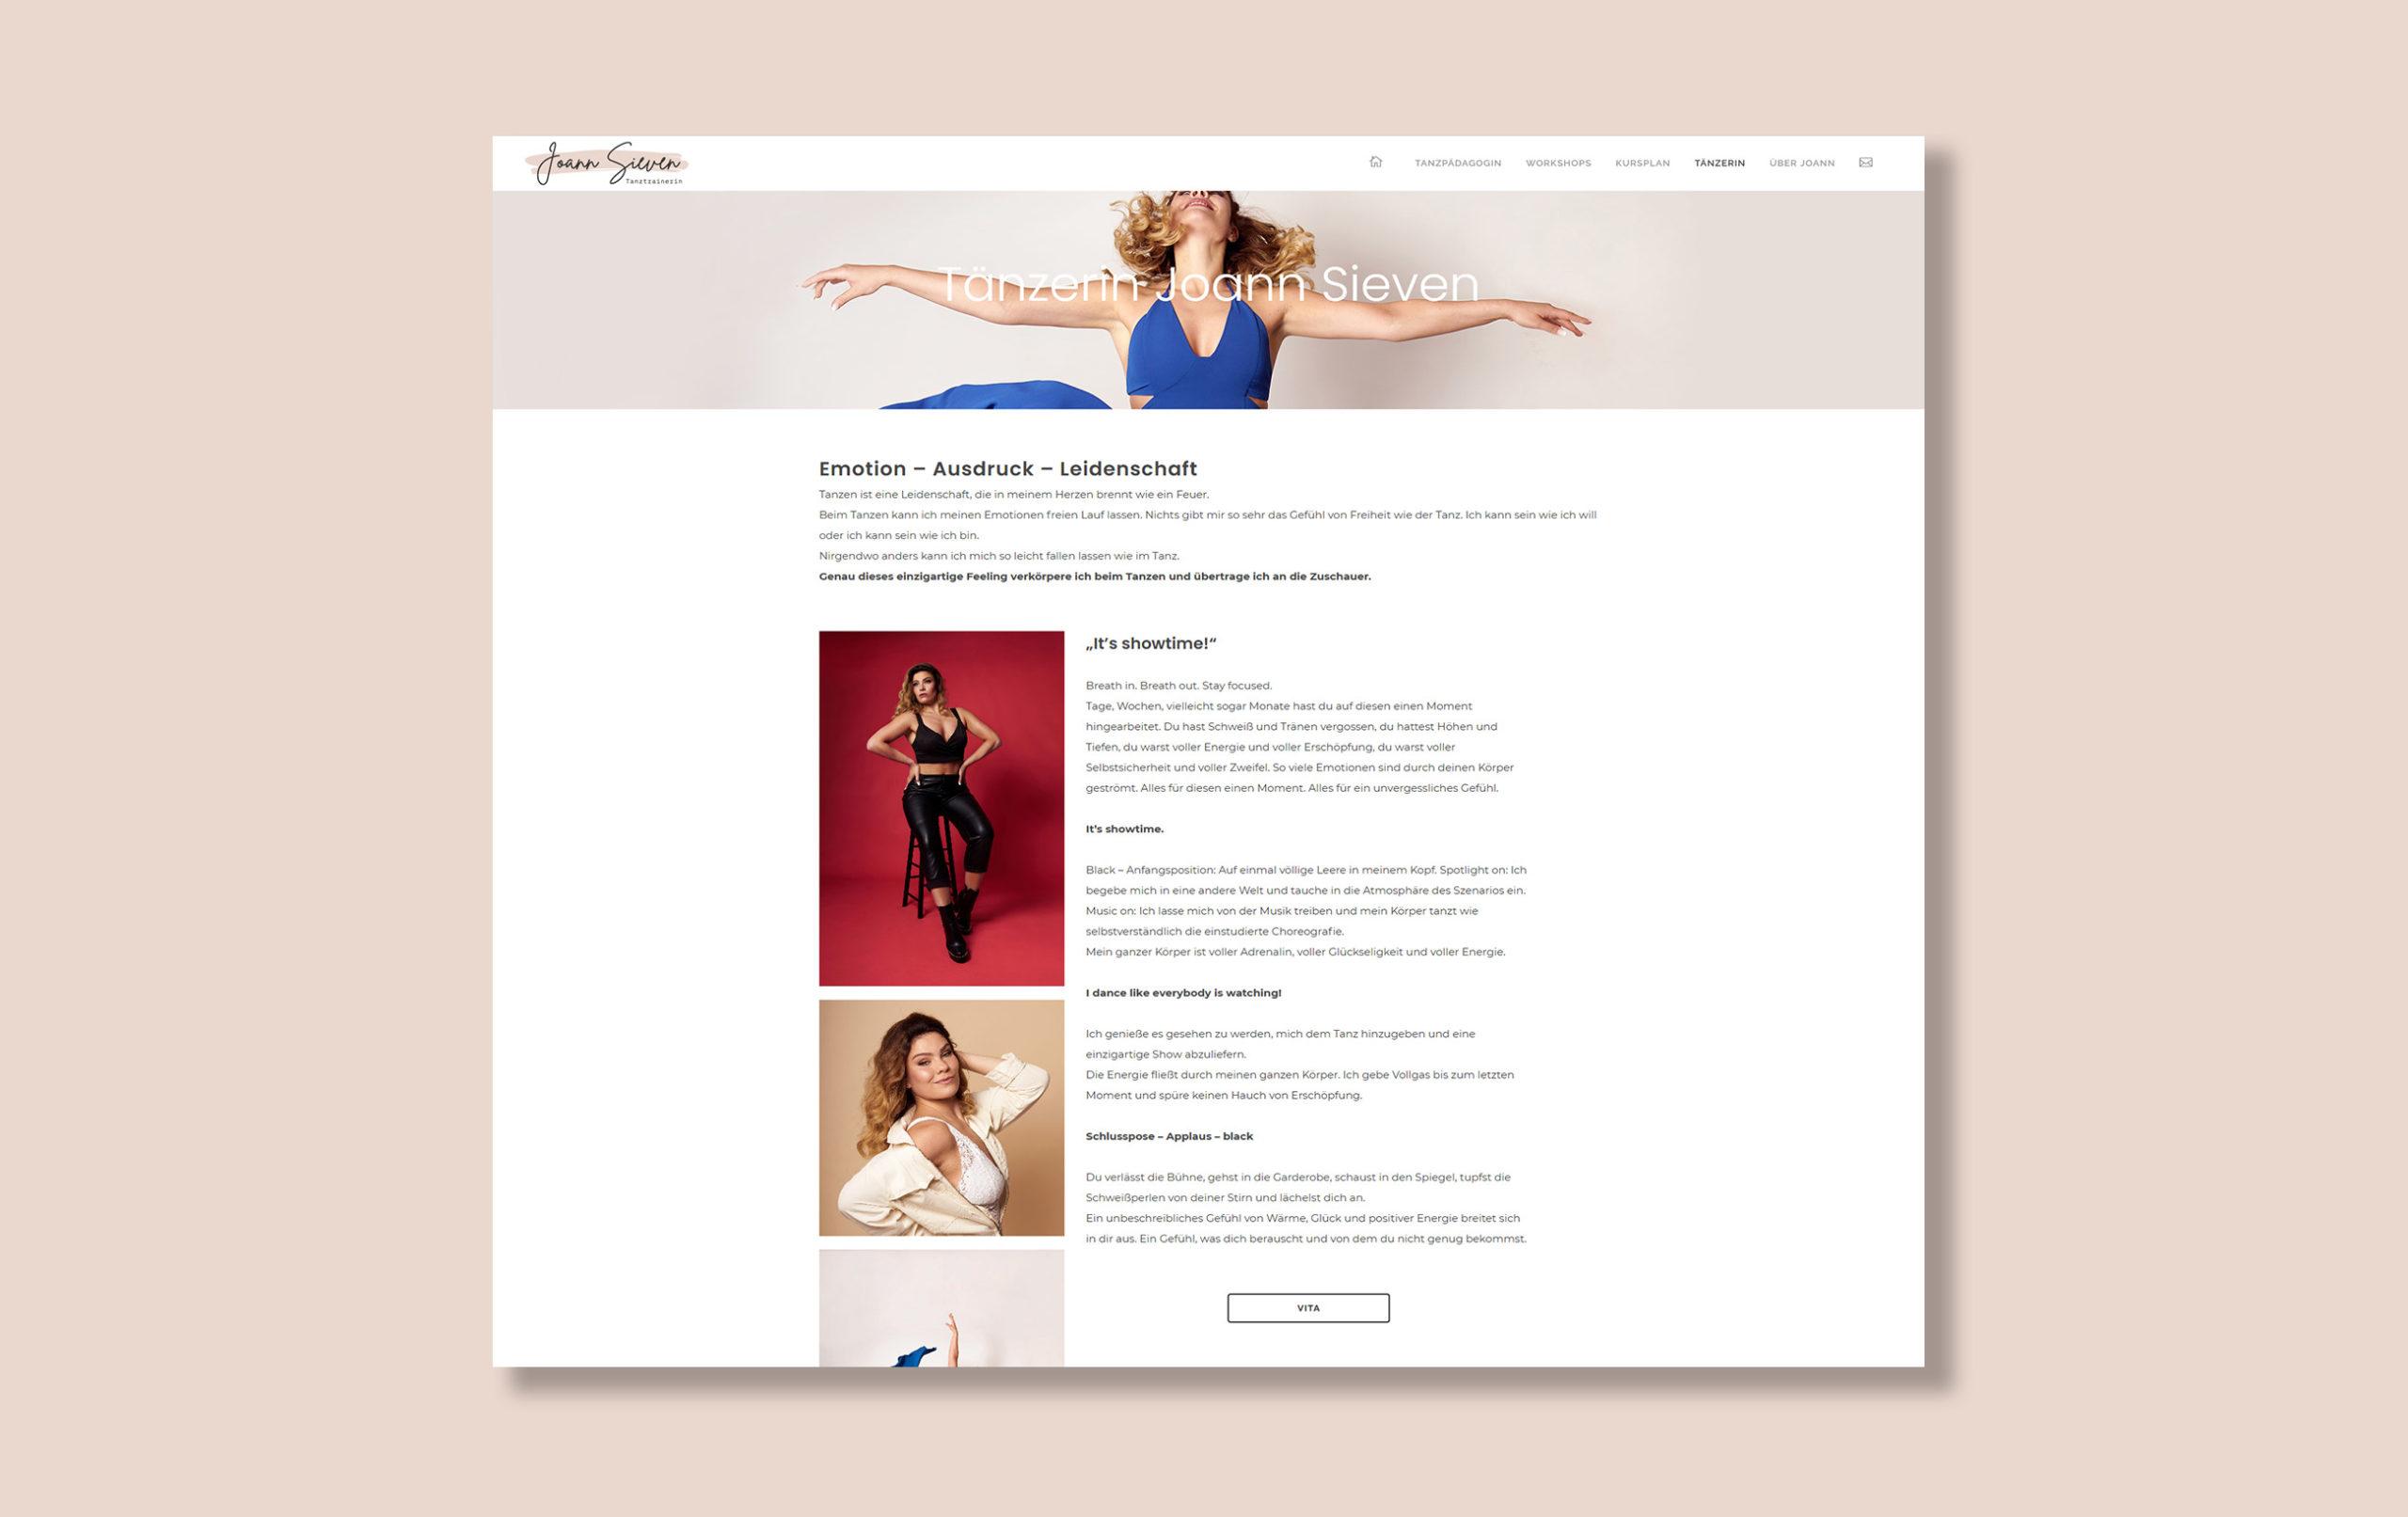 Webdesign für Tänzerin Joann Sieven - Abbildung einer Unterseite der Website